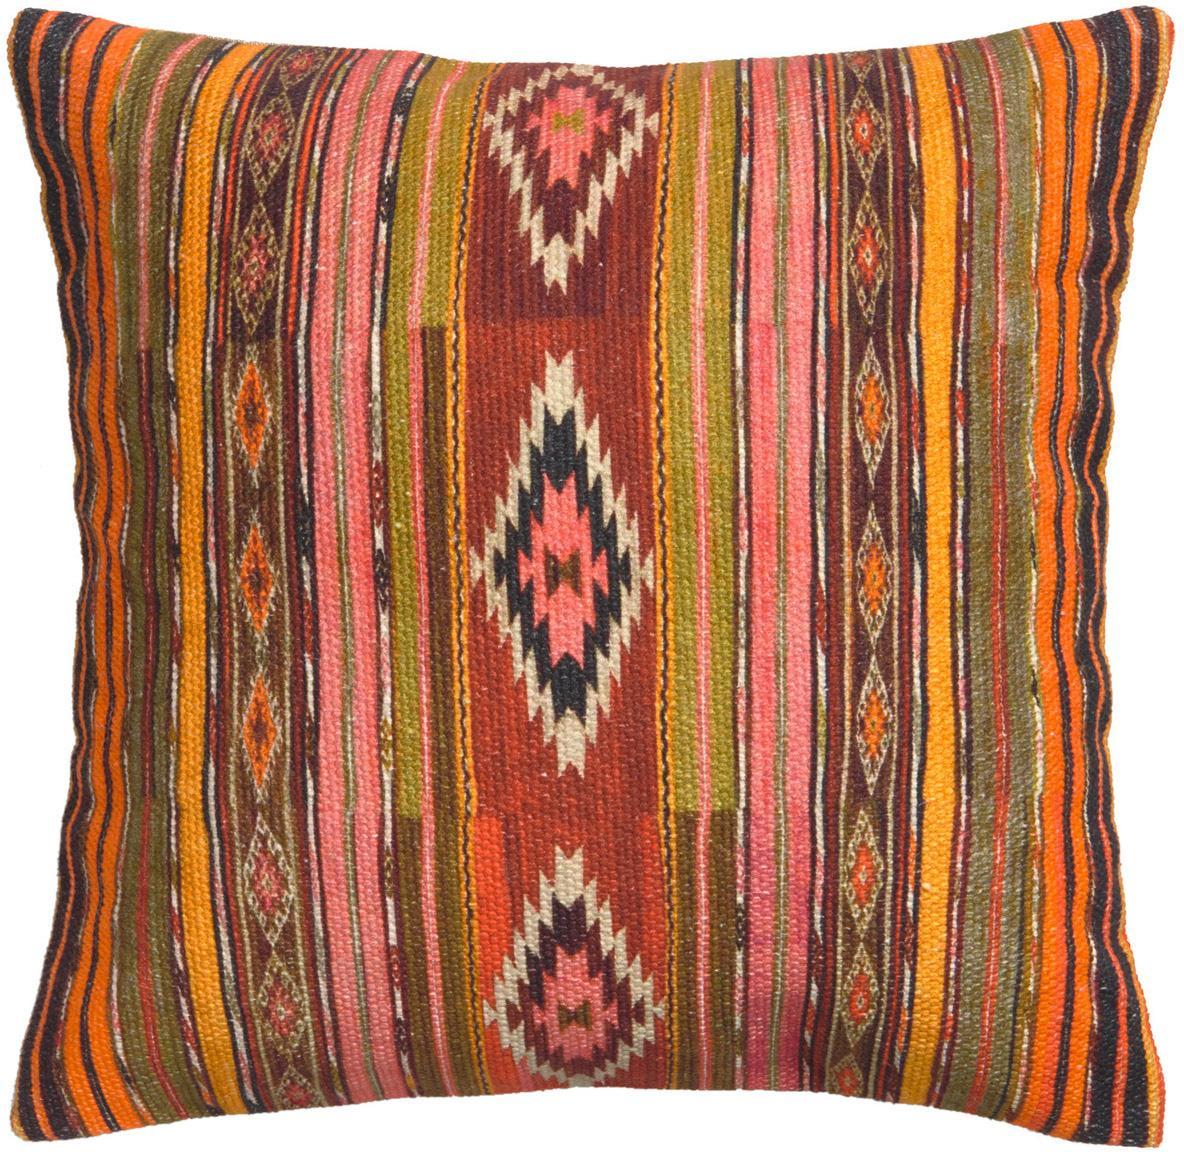 Funda de cojín Kusa, estilo étnico, 100%algodón, Multicolor, An 45 x L 45 cm